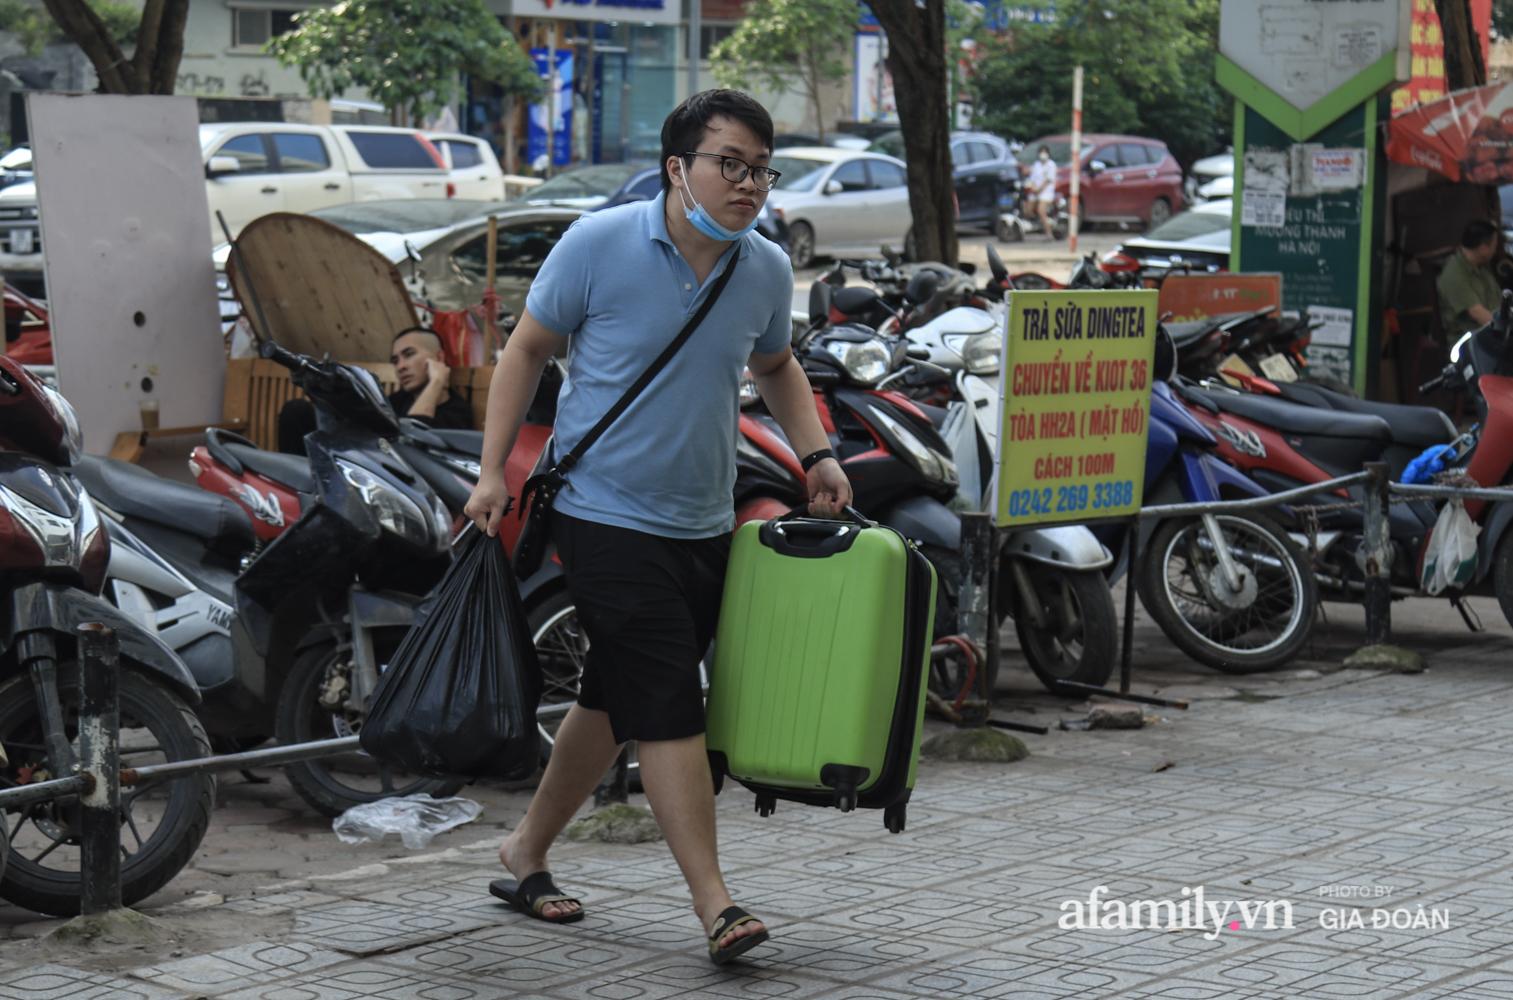 Chiều 2/5, trẻ em ngủ gục trên xe máy theo chân cha mẹ ra Hà Nội kết thúc kì nghỉ lễ - Ảnh 1.